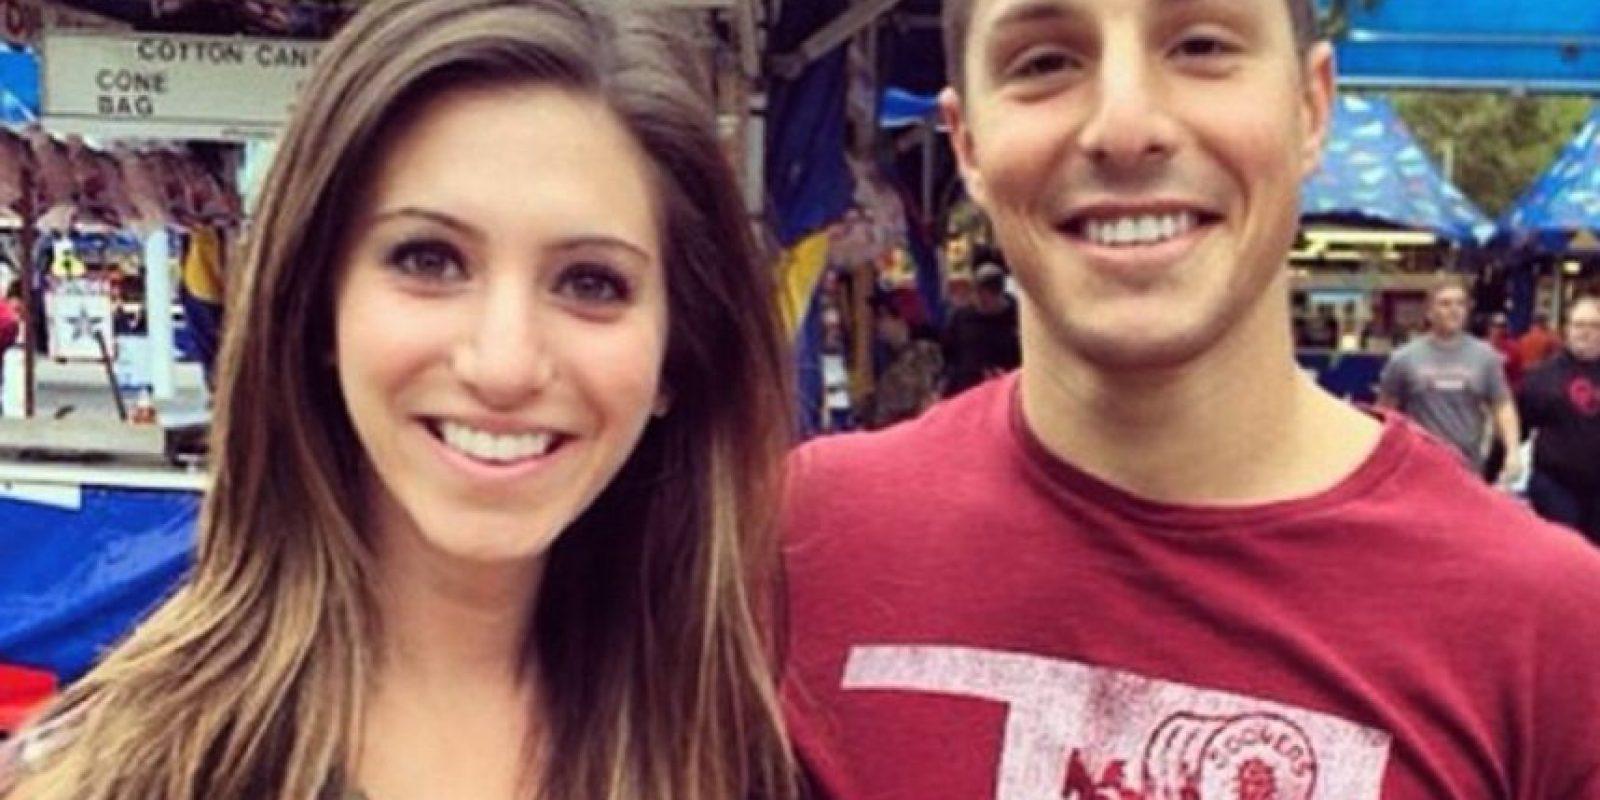 """""""Nos conocimos por una amiga en común y luego descubrimos que nuestros padres también fueron amigos. Eso nos hizo tan felices para comenzar nuestra relación"""". Foto:vía Instagram/TheWayWeMet"""